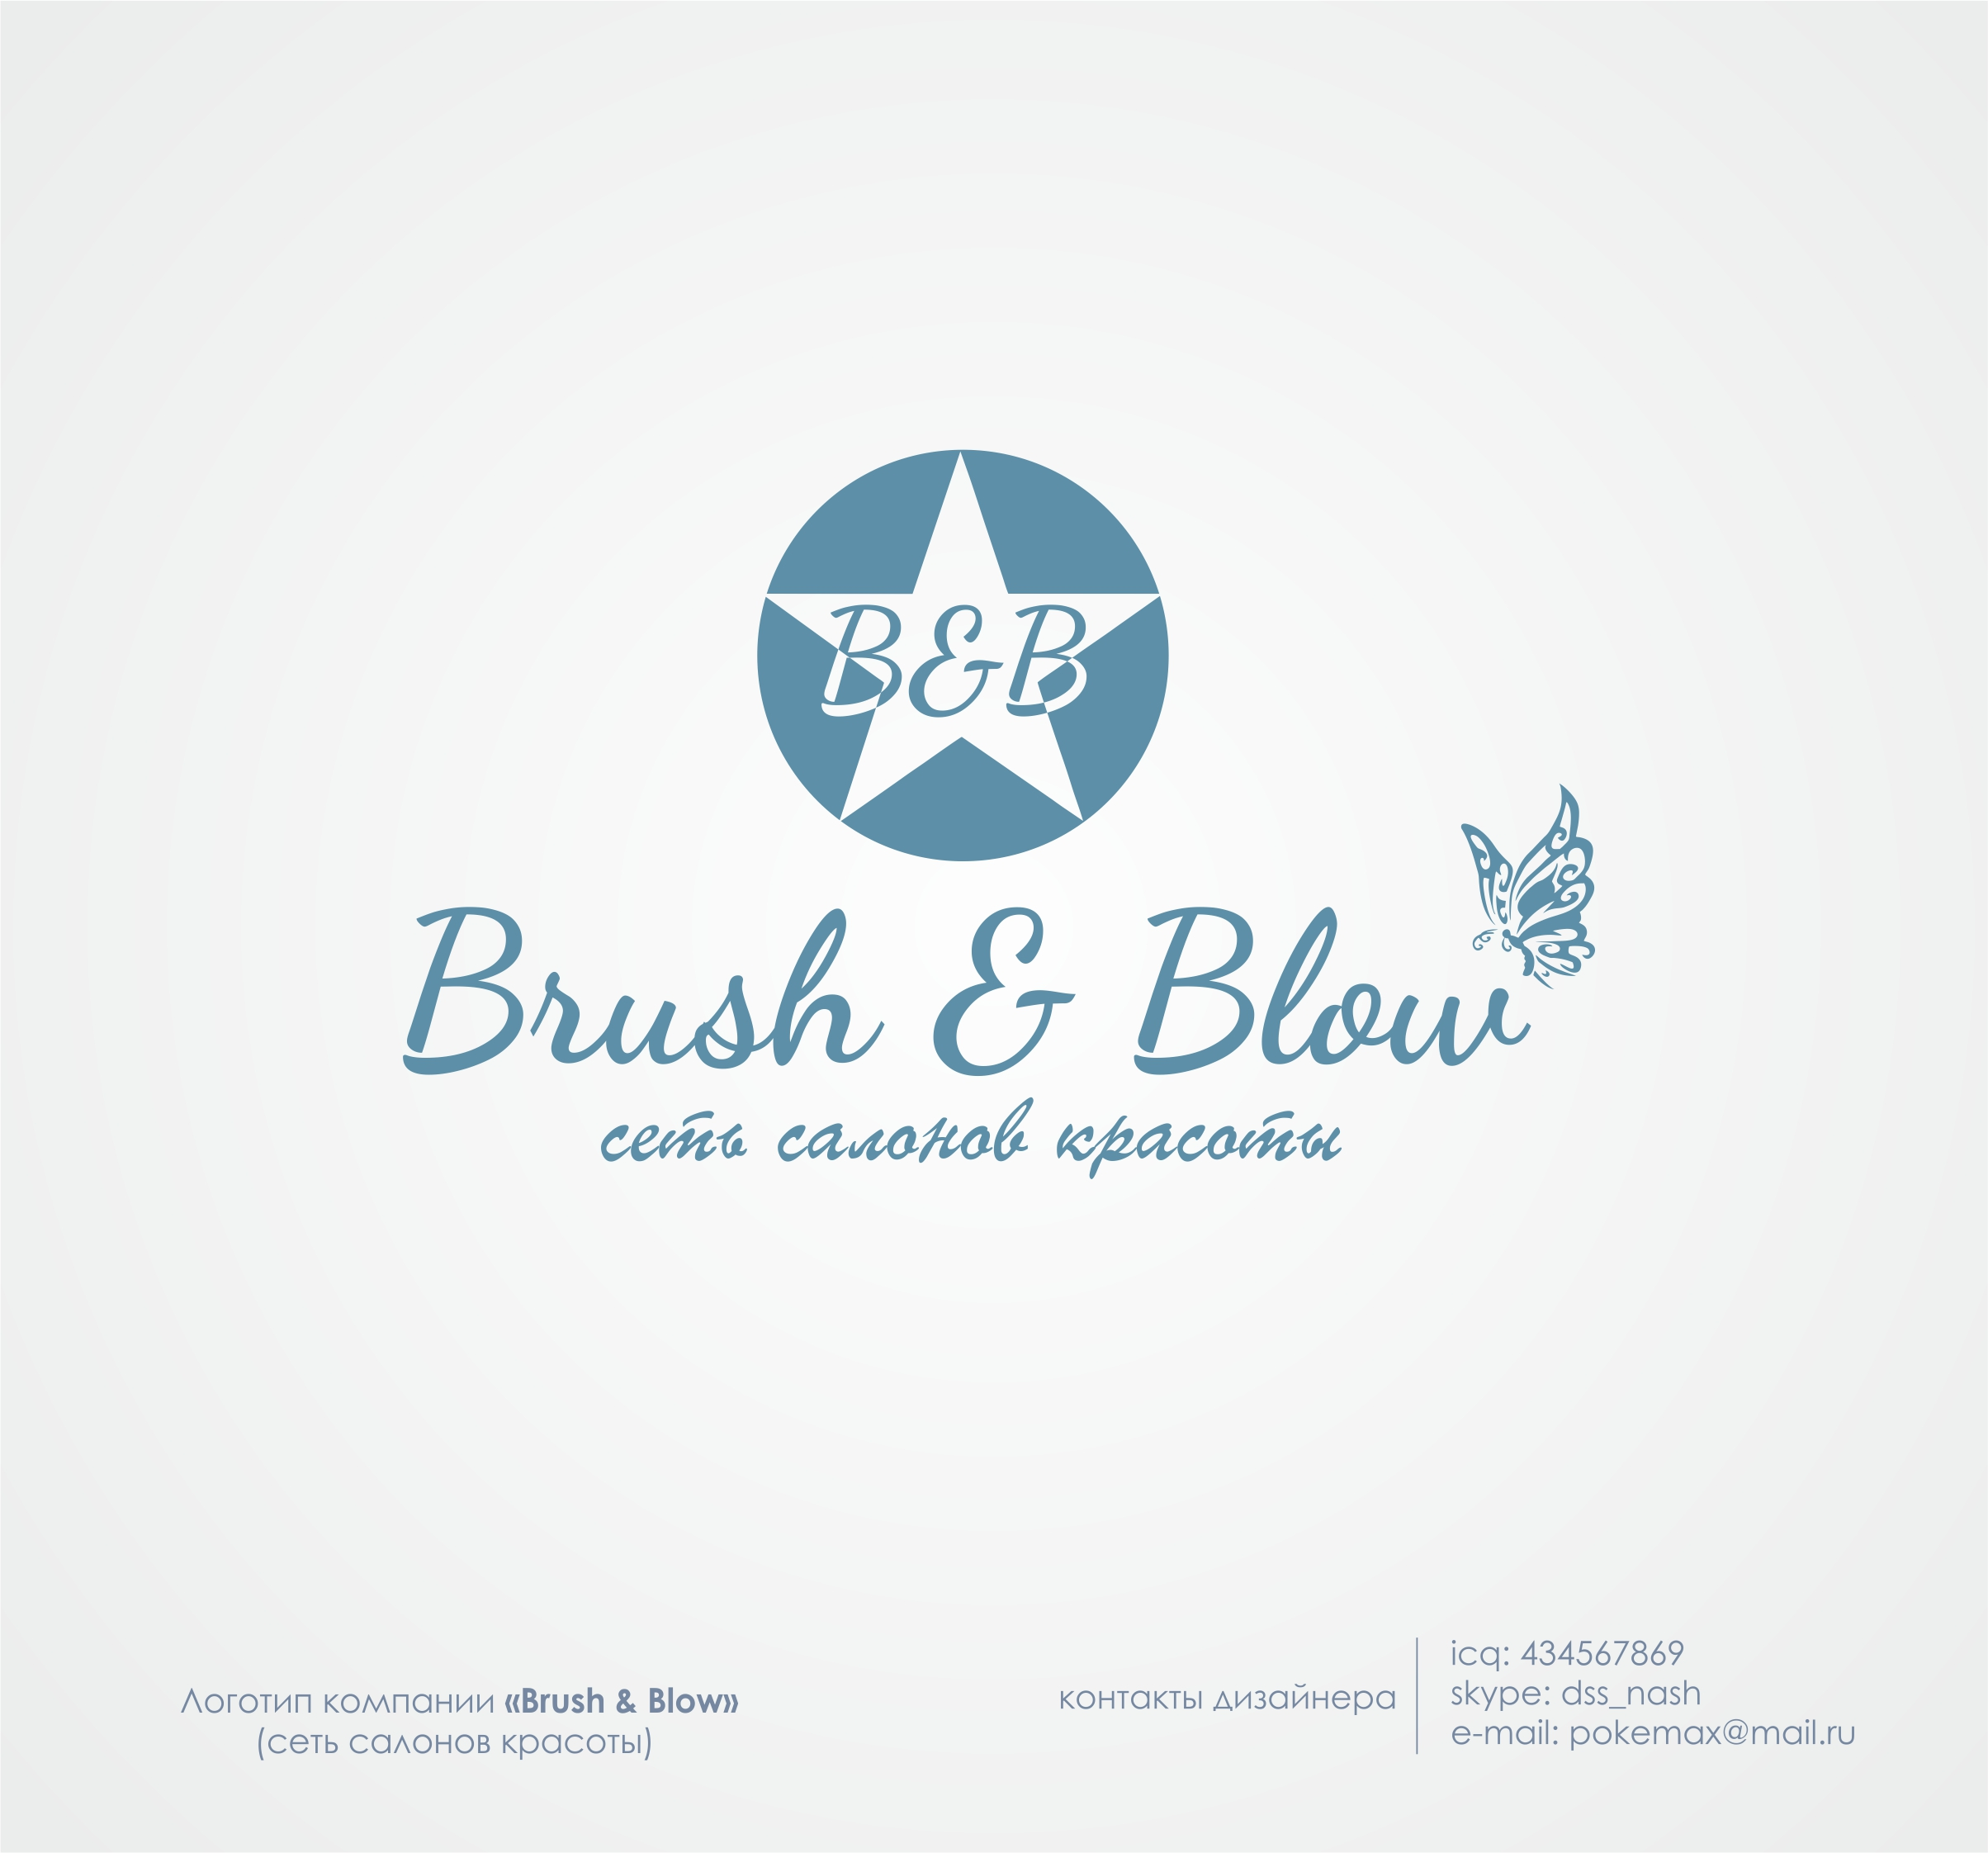 создание логотипа и фирменного стиля фото f_539563e51442756f.jpg